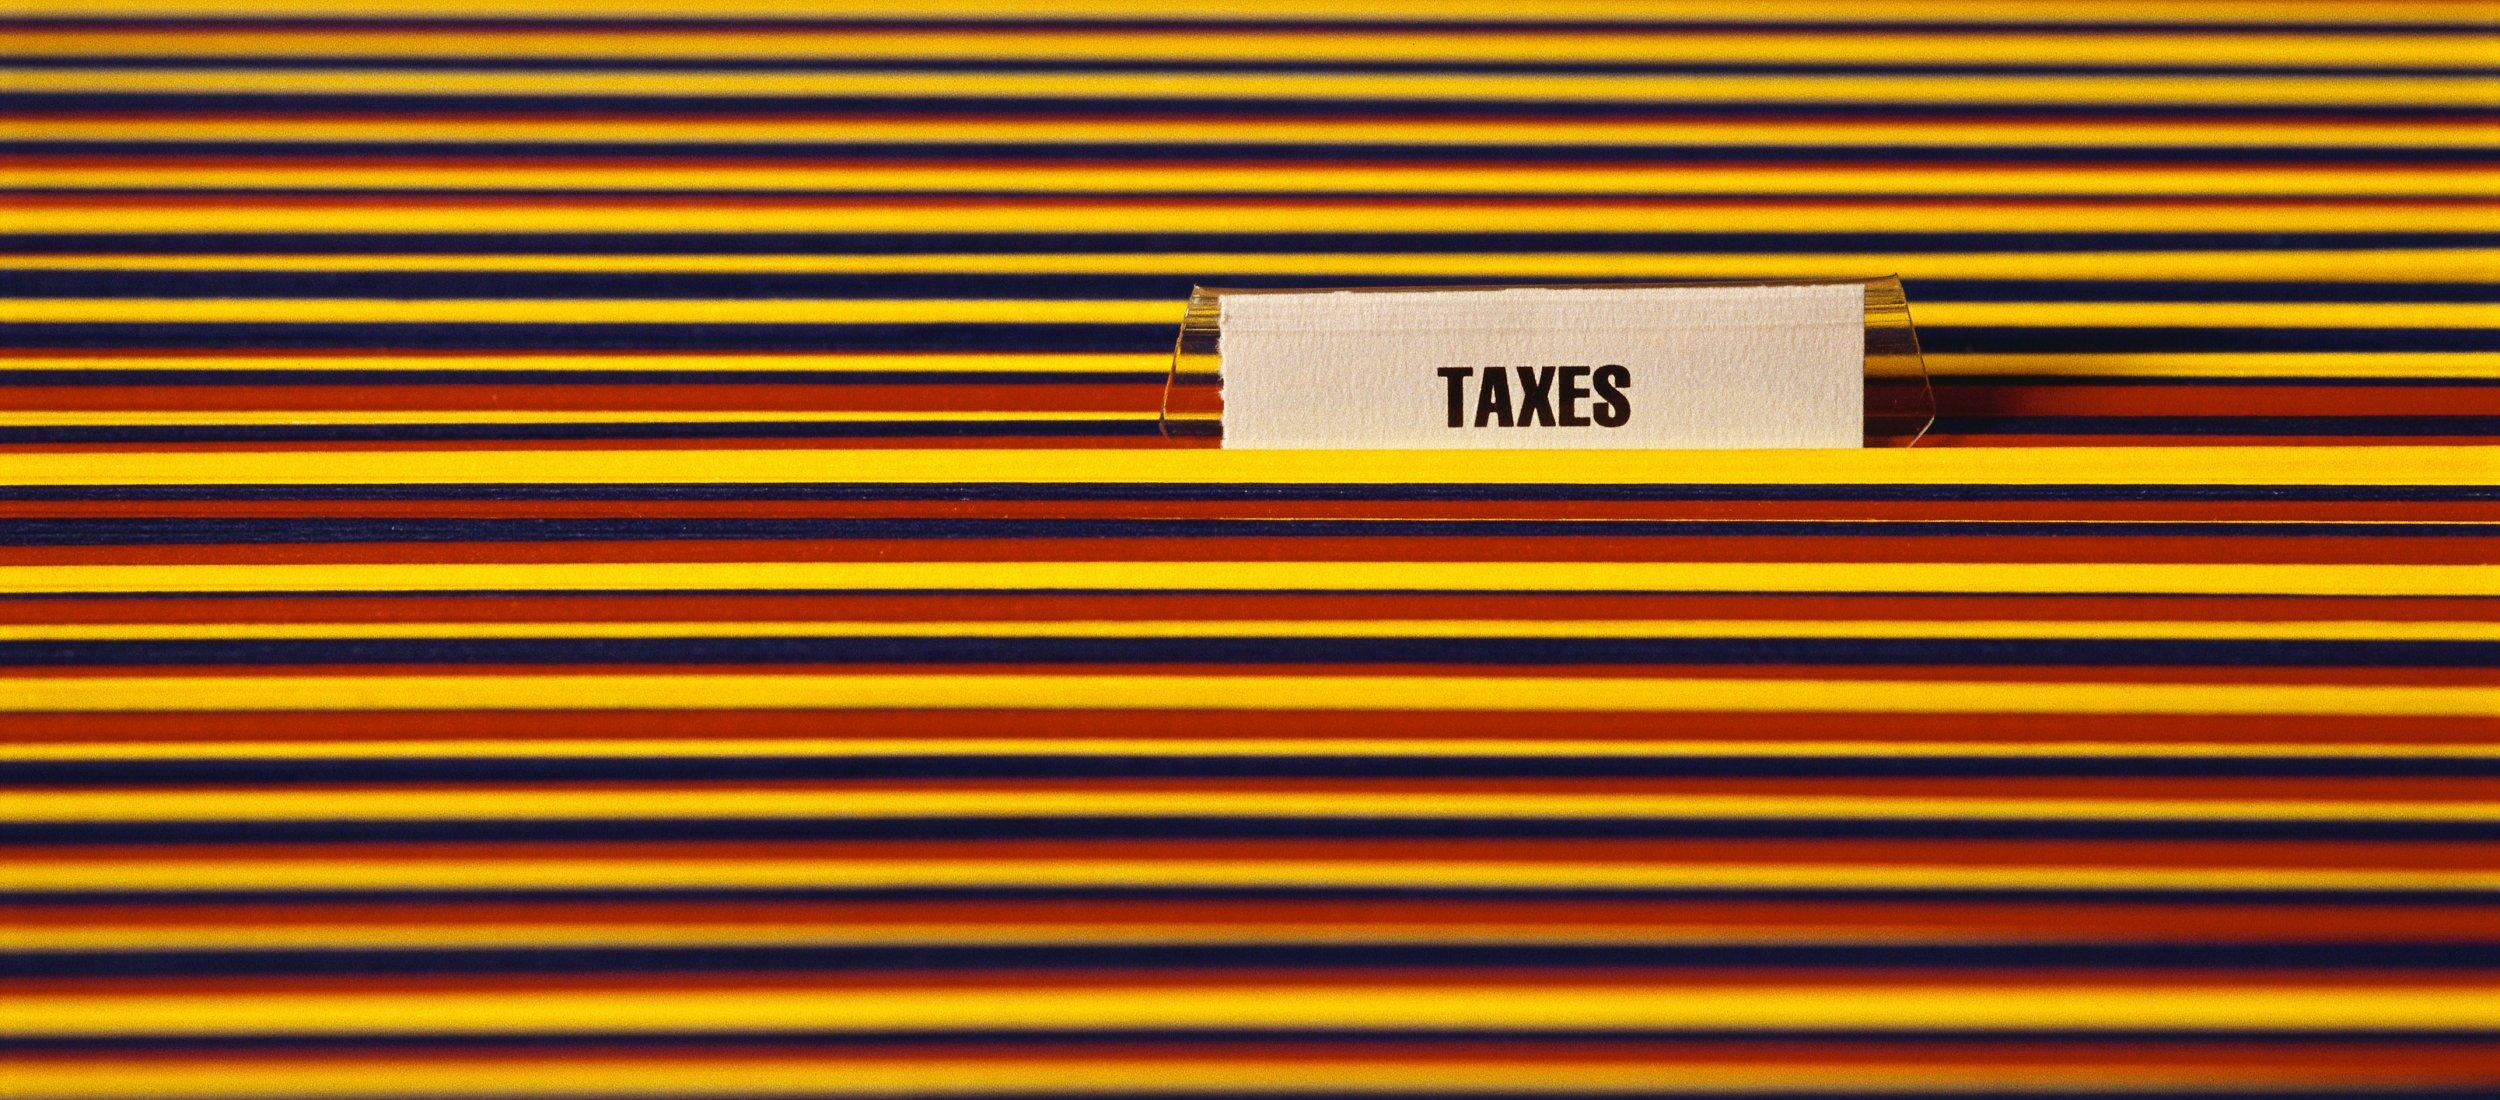 TaxFile